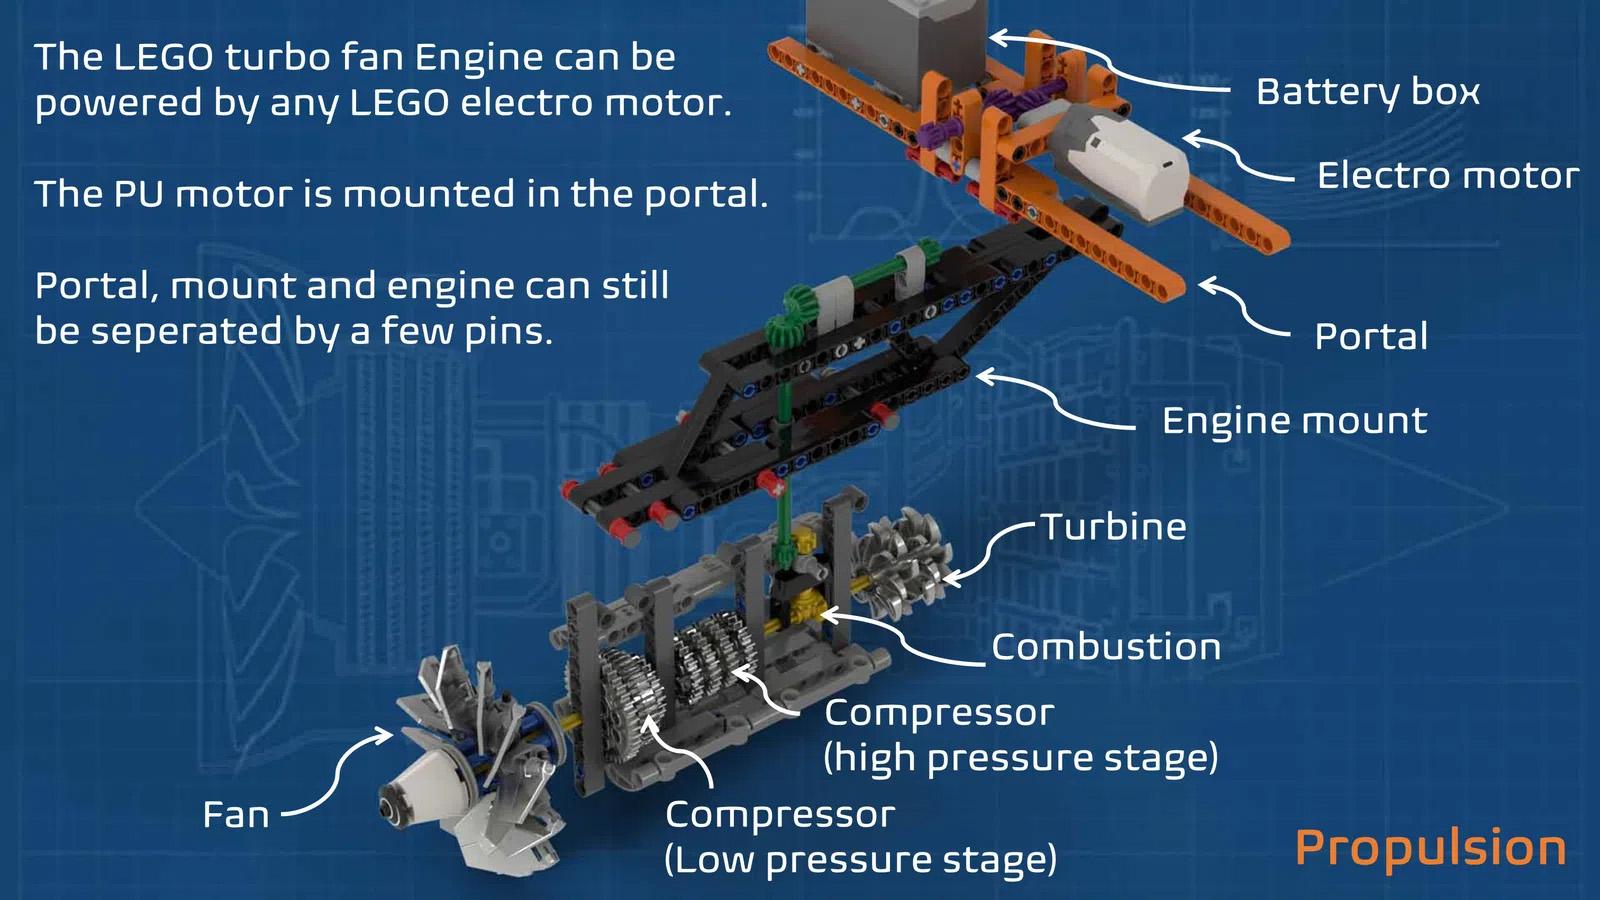 レゴアイデアで『航空エンジン研究所』が製品化レビュー進出!2021年第2回1万サポート獲得デザイン紹介